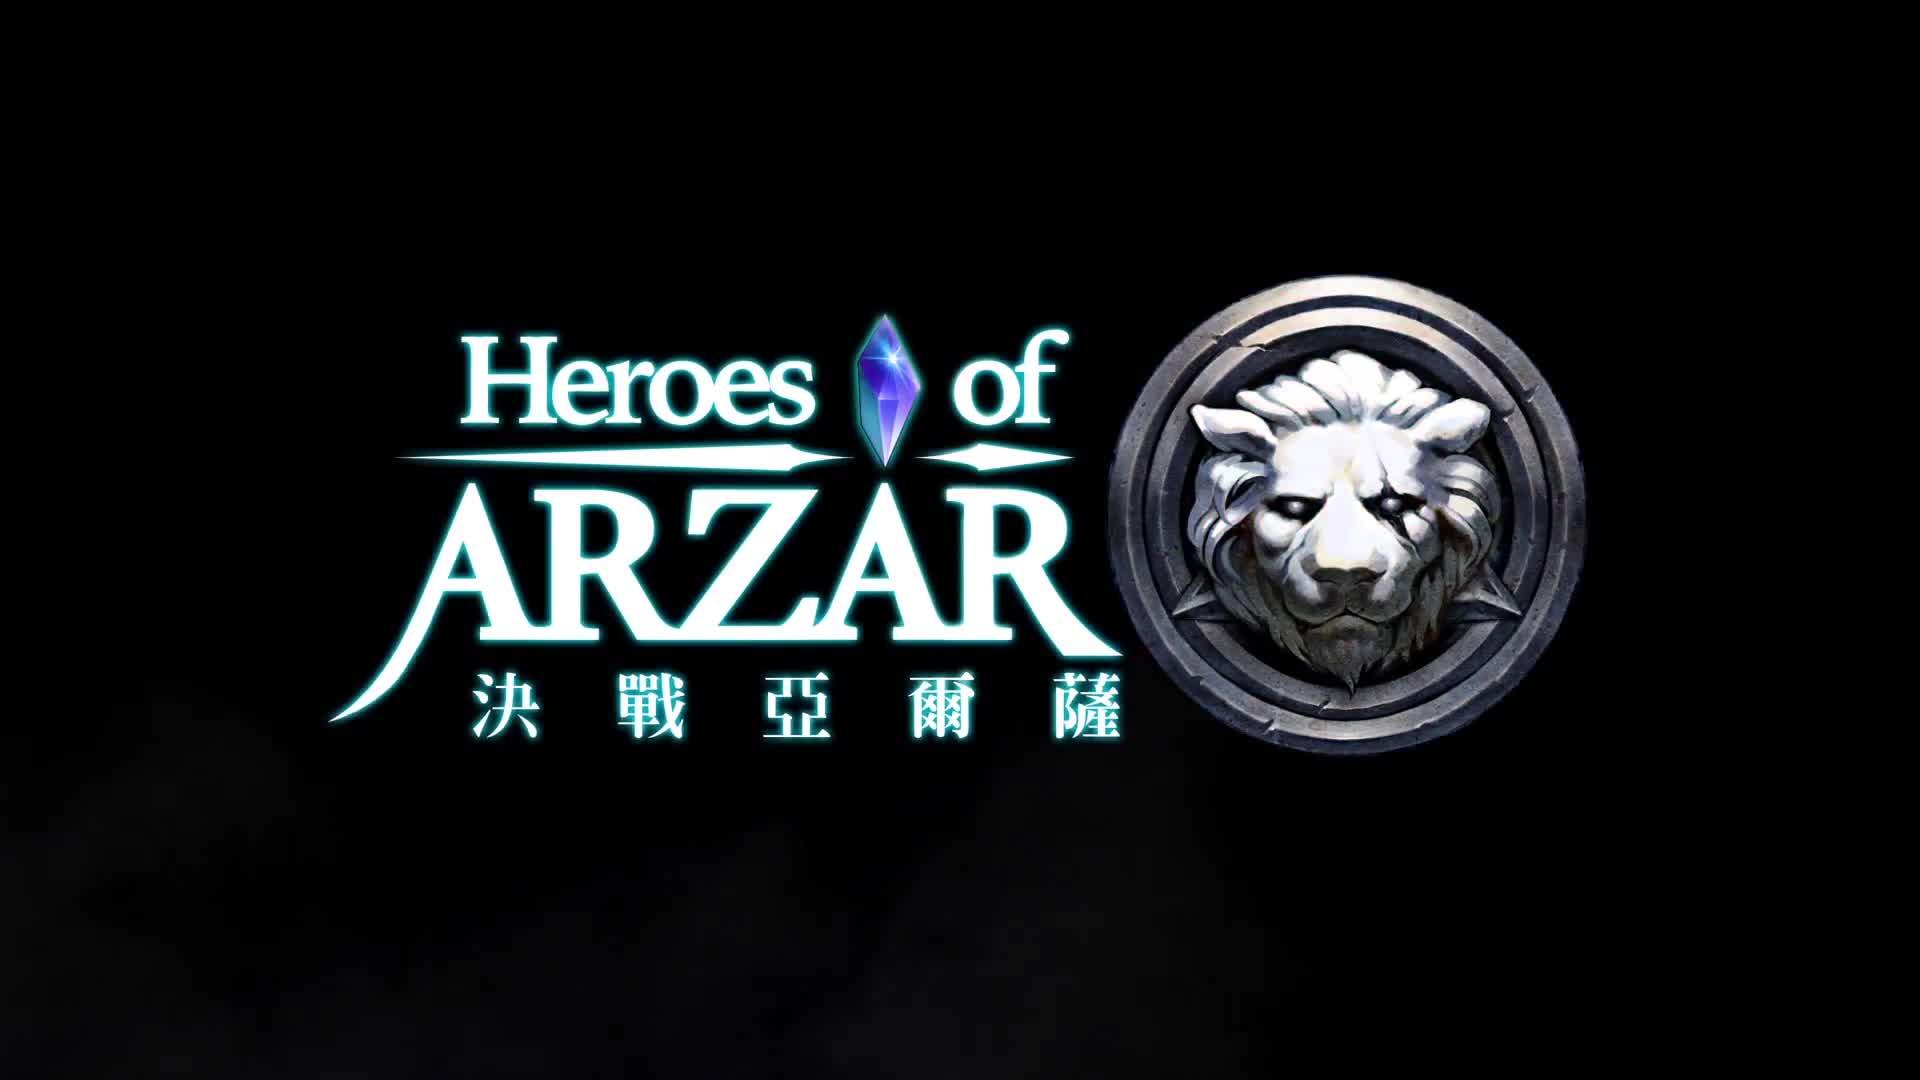 Heroes of Arzar: Game chiến thuật thẻ bài nhưng sở hữu yếu tố nhập vai cực thú vị - ảnh 4